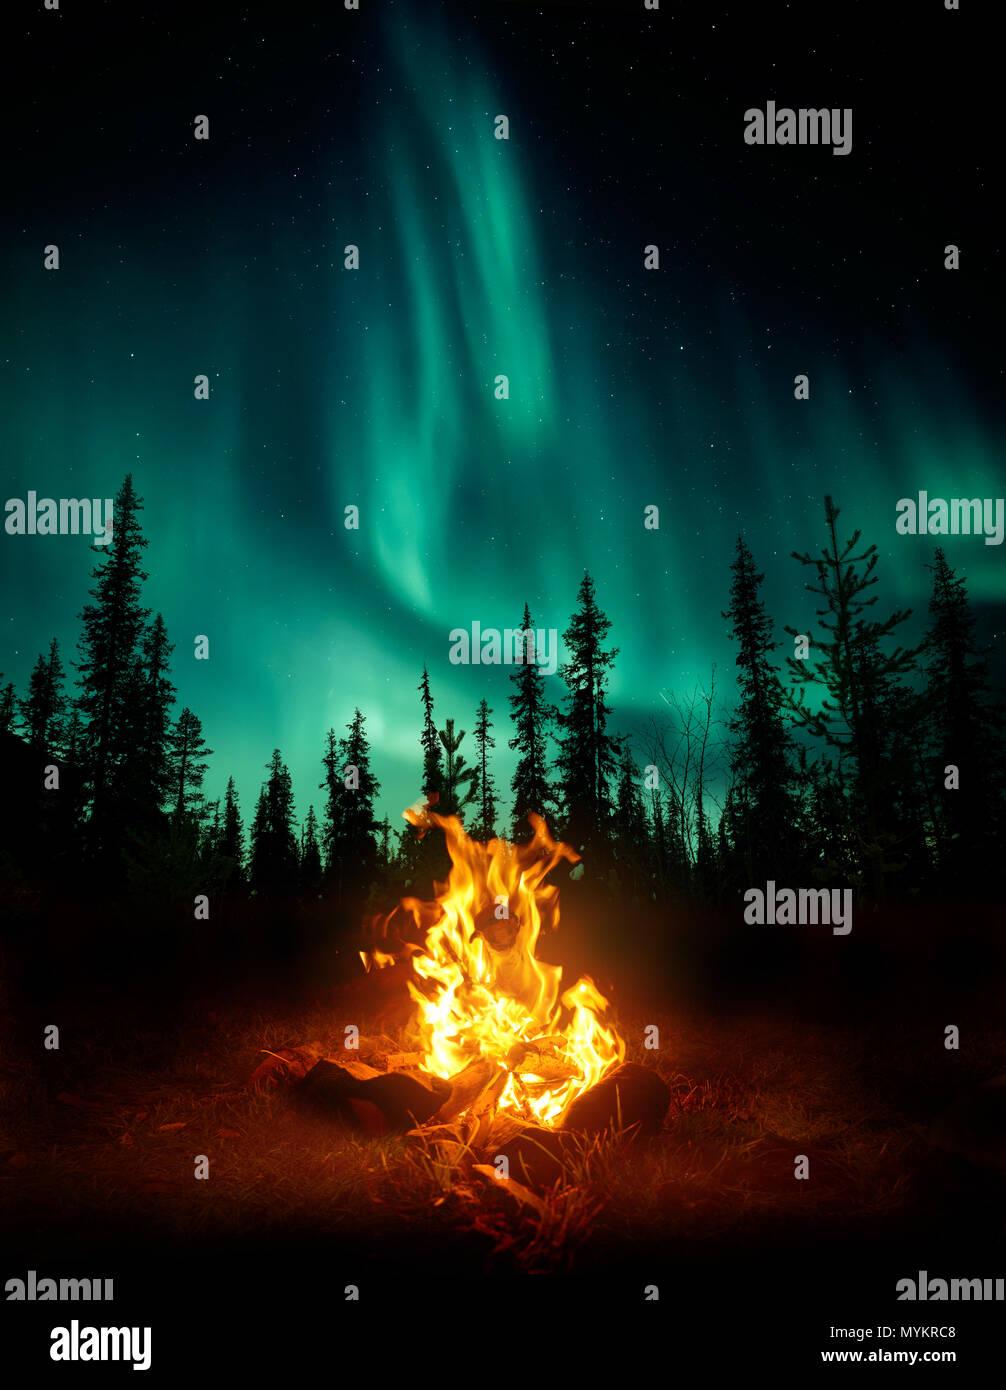 Une ambiance chaleureuse et confortable de camp dans le désert avec les arbres des forêts qui se profile en arrière-plan et les étoiles et les aurores boréales lightin Photo Stock